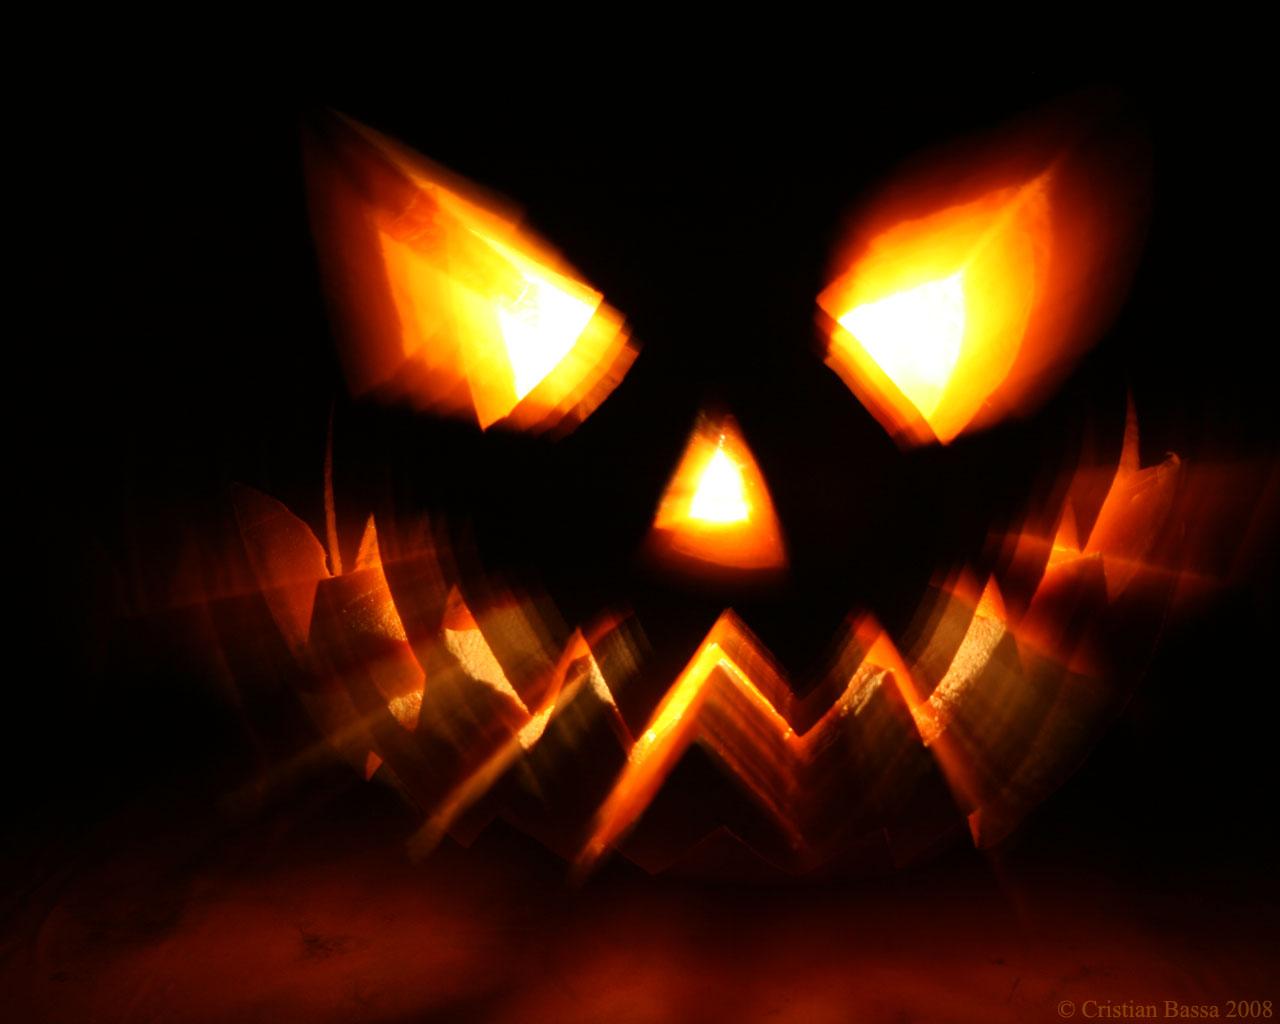 http://2.bp.blogspot.com/-T73ZC7LcV9I/UJCZub6i4rI/AAAAAAAAFM0/OEow-P1FvnM/s1600/halloween-wallpaper-large006.jpg